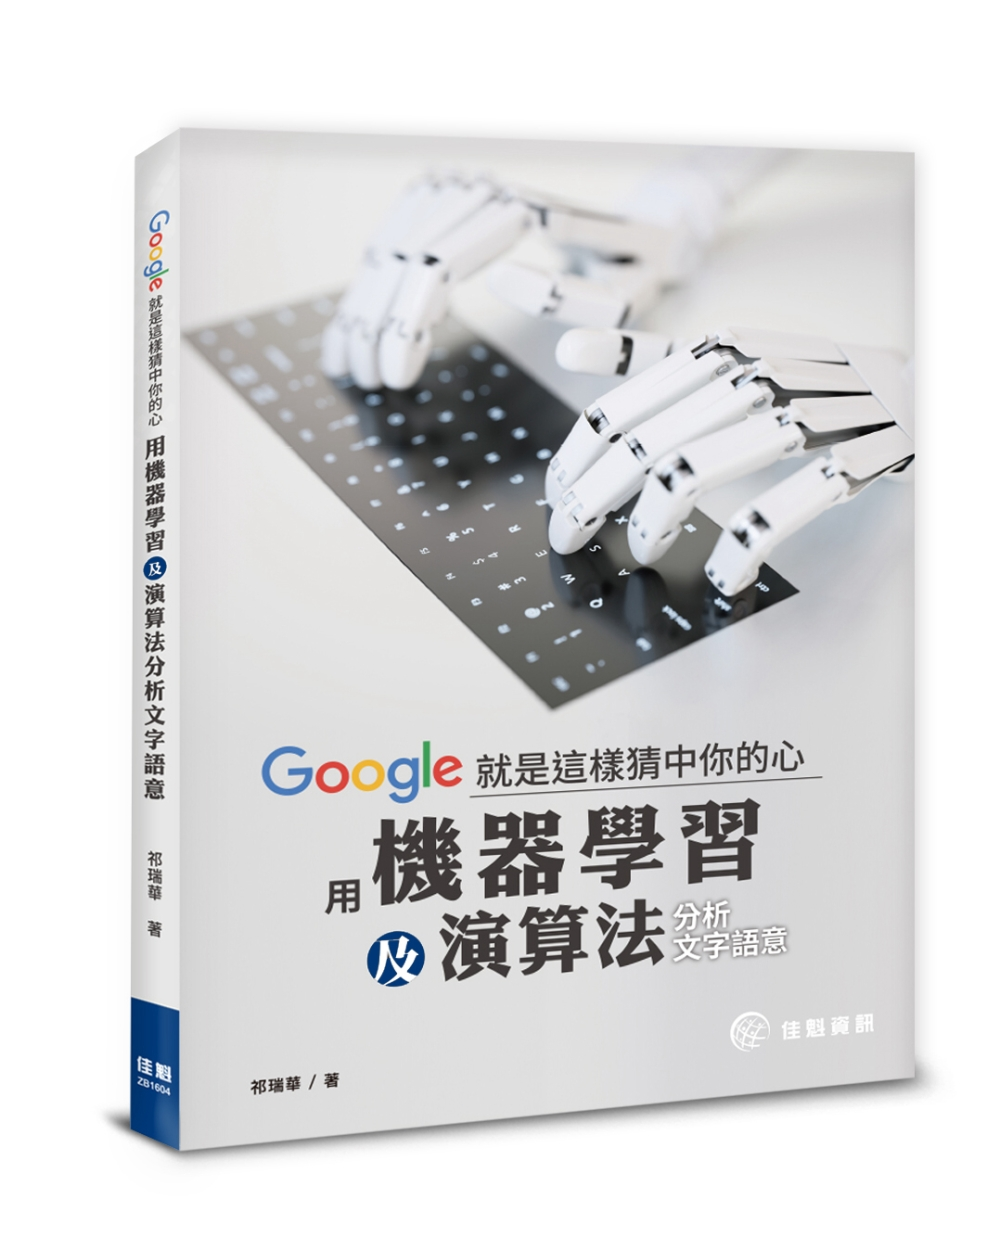 ◤博客來BOOKS◢ 暢銷書榜《推薦》Google就是這樣猜中你的心:用機器學習及演算法分析文字語意